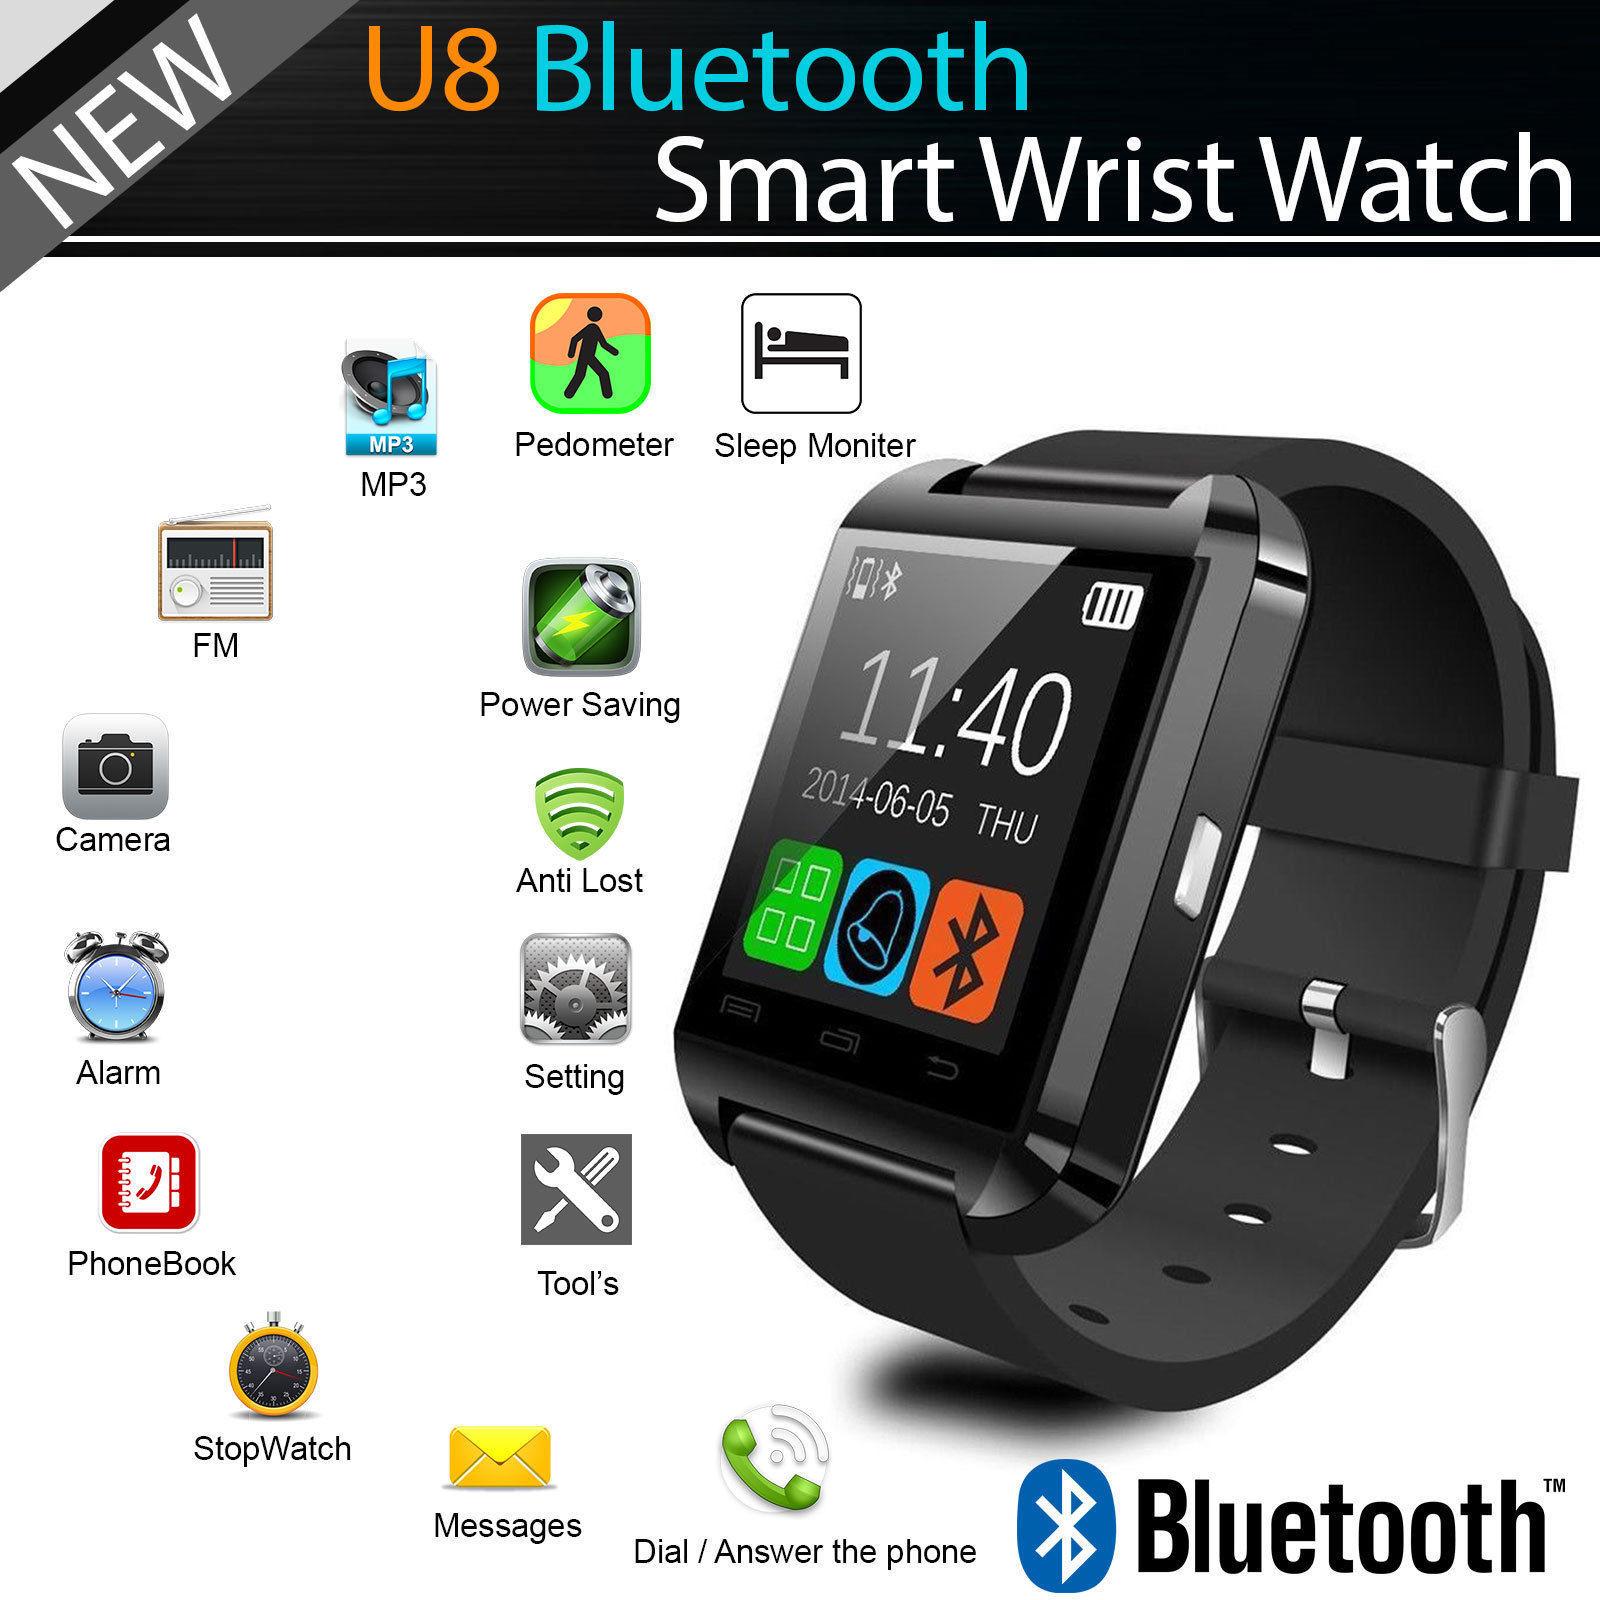 Черен блутут смарт часовник U8 - мини фитнес смартфон на ръката ти